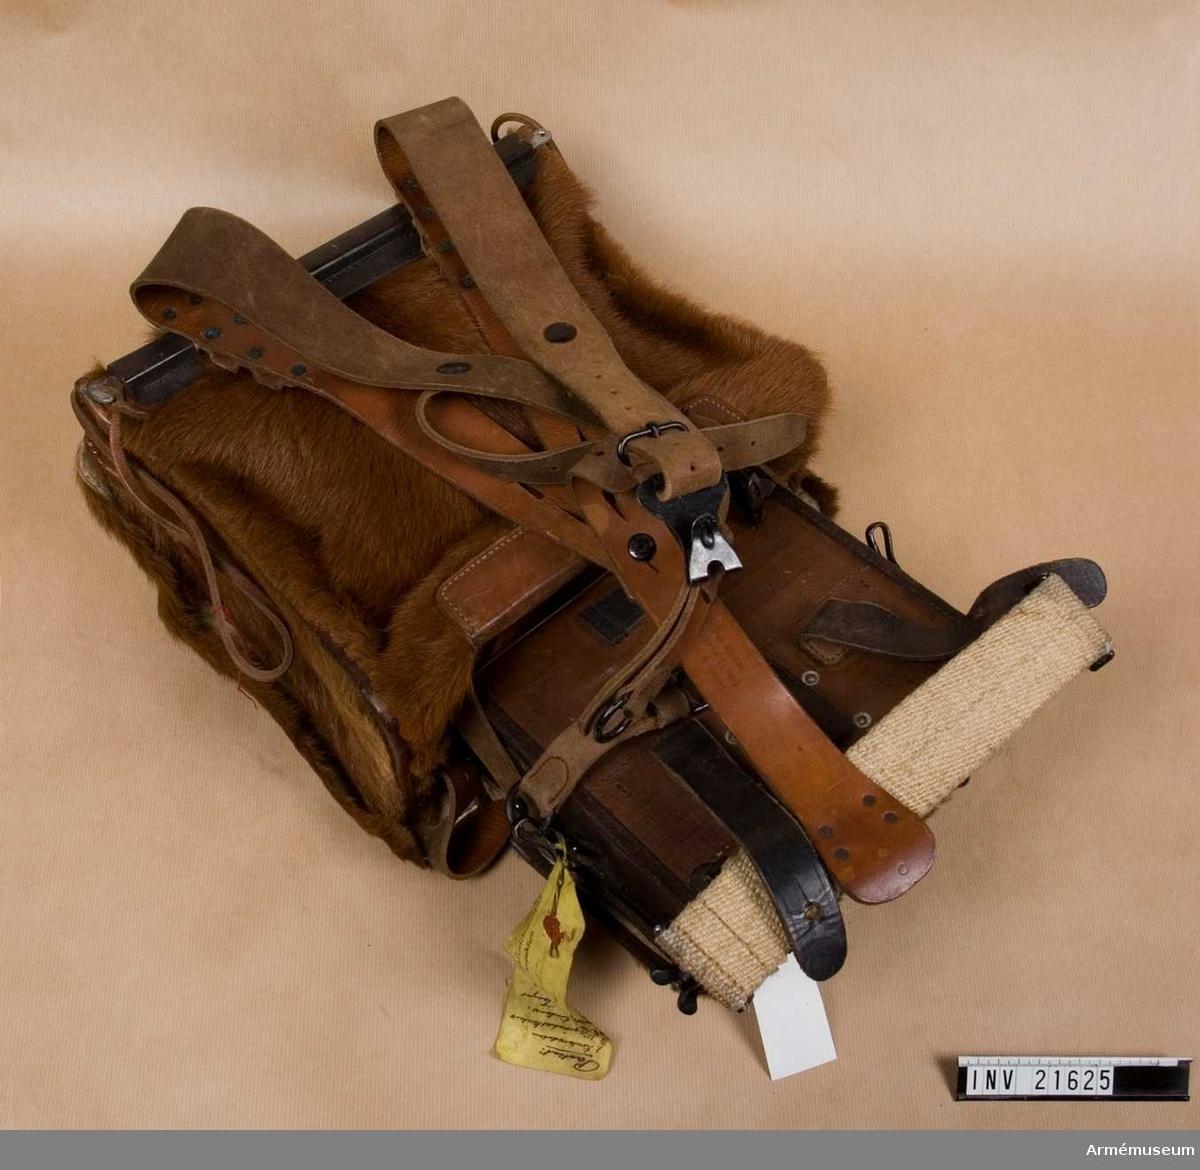 Grupp C I.  Ur uniform för alpjägare m/1868-1908, Tyrolskt kejsarjägar- regemente i Österrike.  Består av mössa, vapenrock, byxor, skor, ränsel, livrem med väskor. Kalv